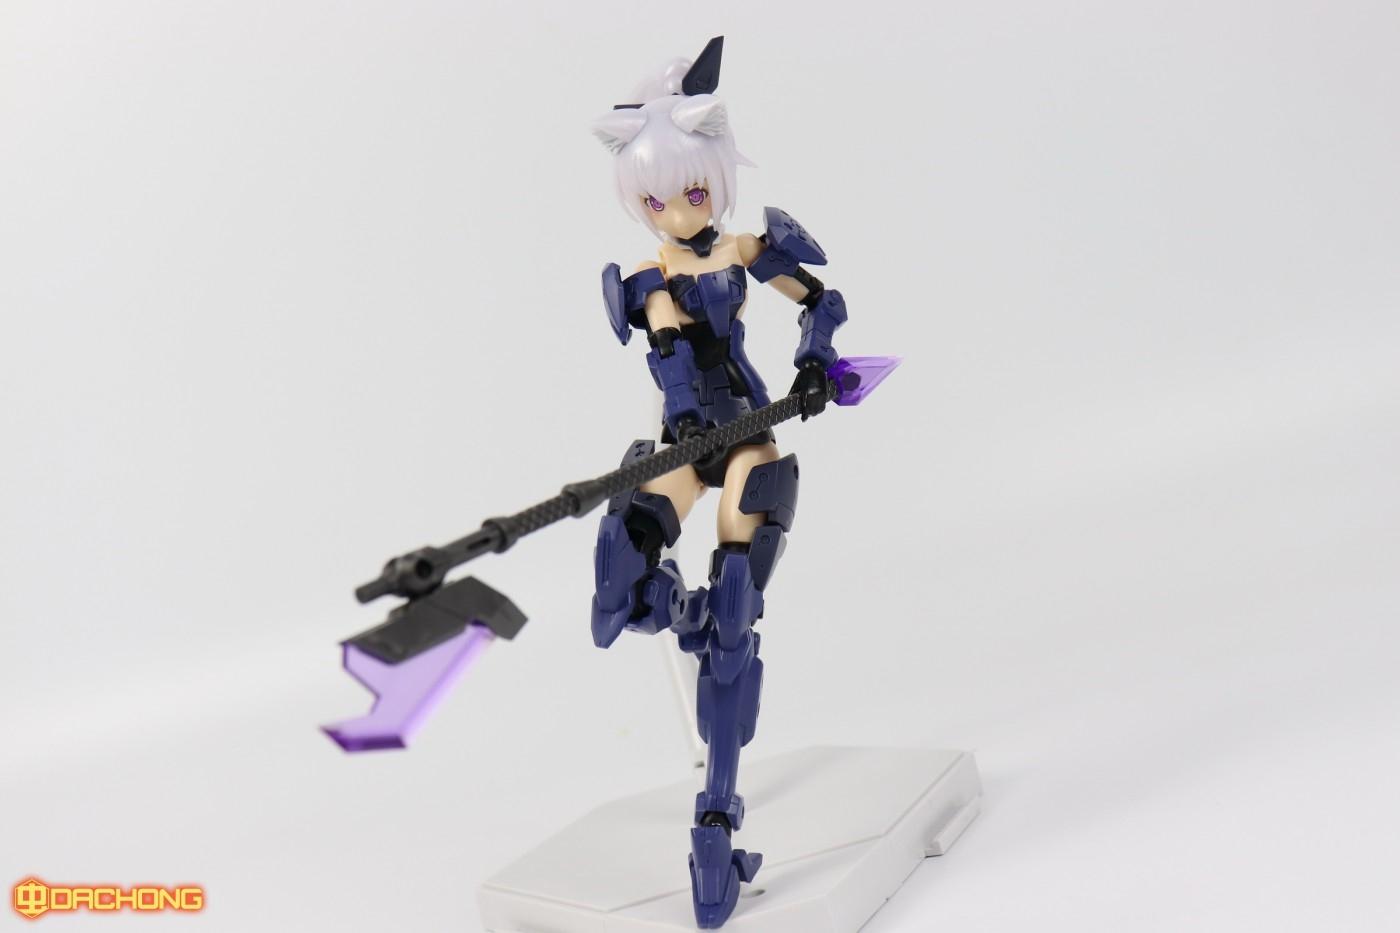 S273_Pretty_Armor_inask_066.jpg